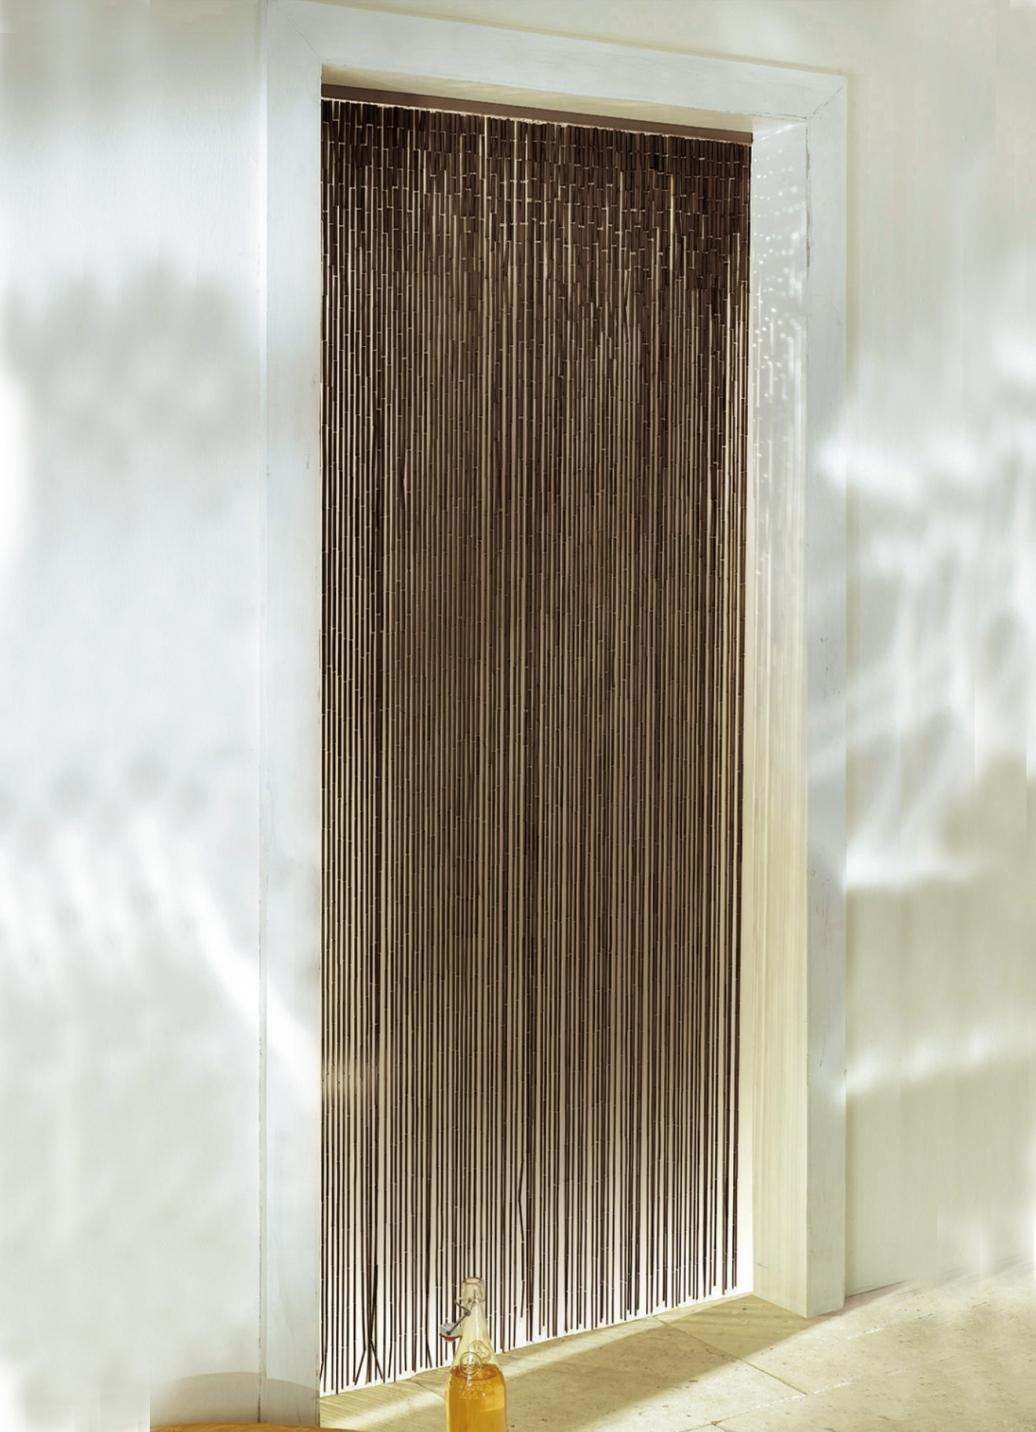 bambus vorhang in 2 farben gardinen bader. Black Bedroom Furniture Sets. Home Design Ideas